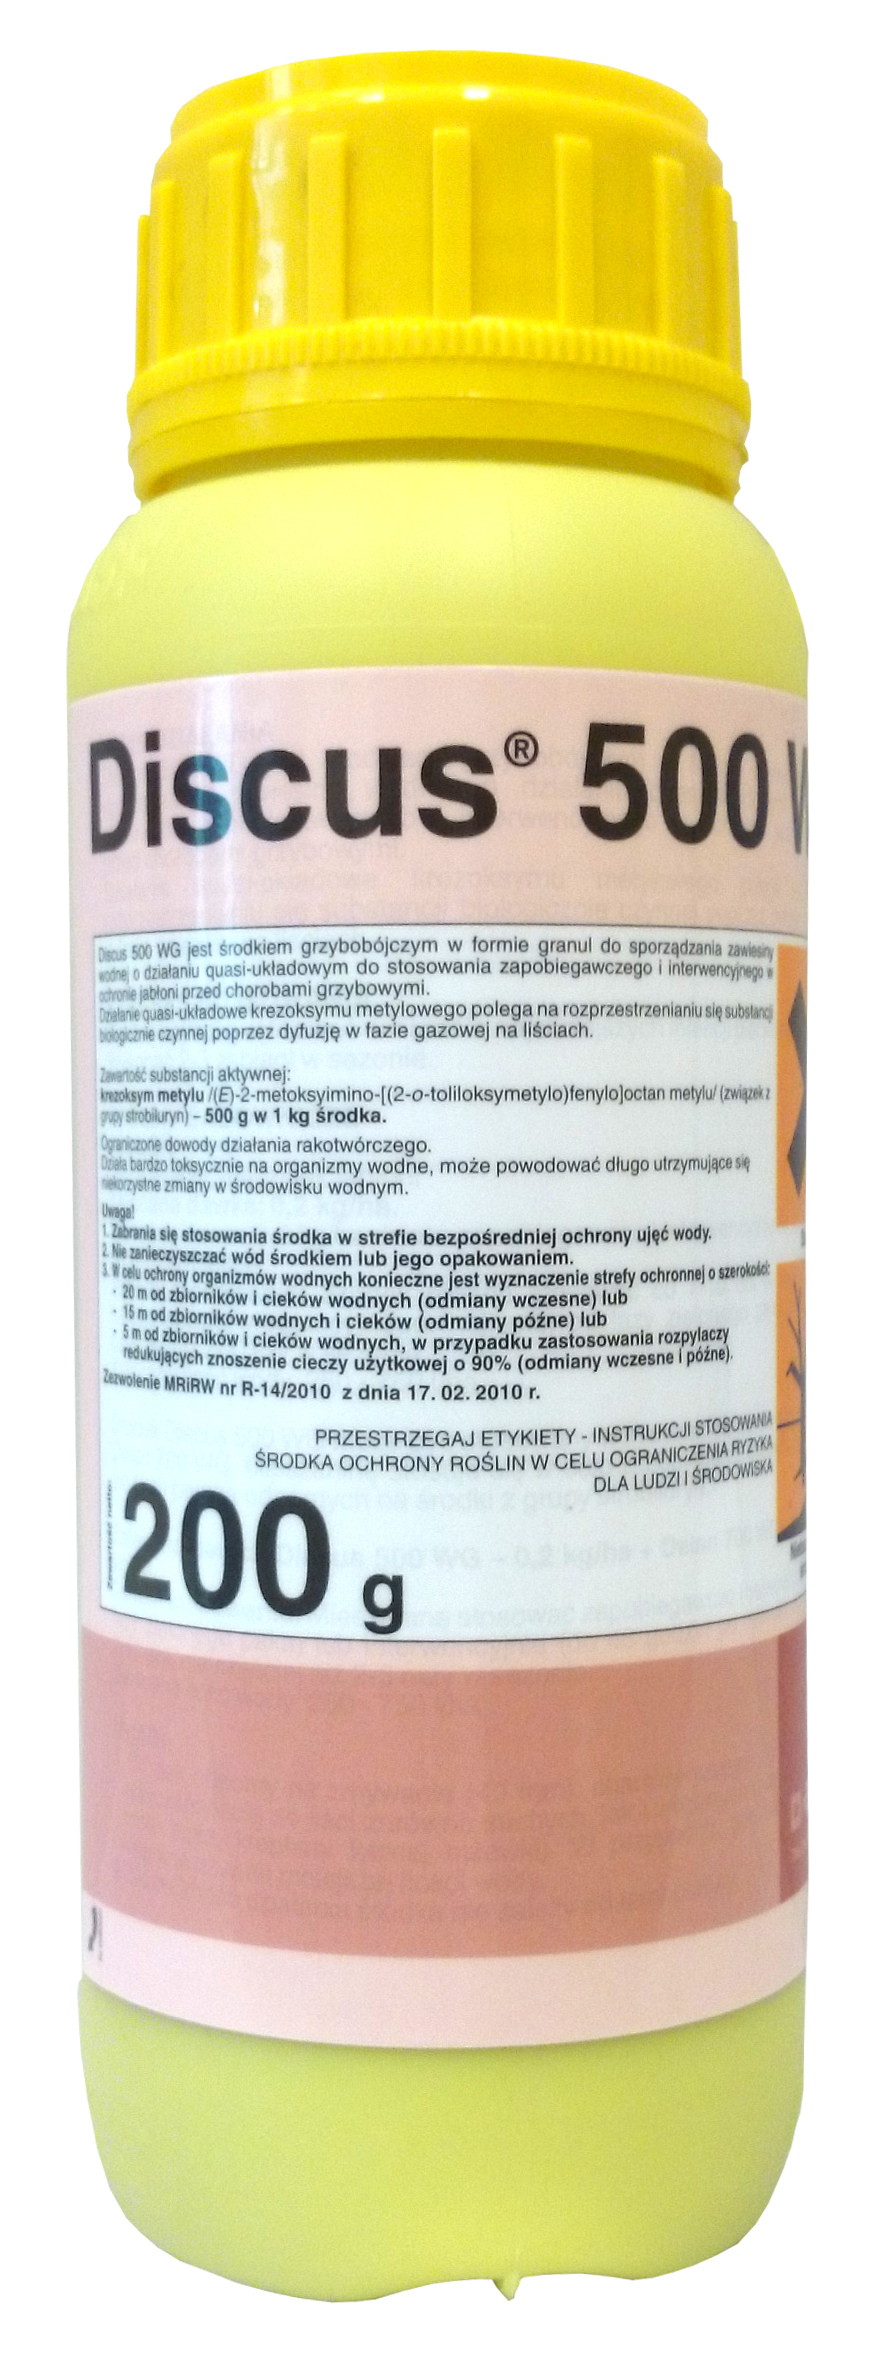 discus 500